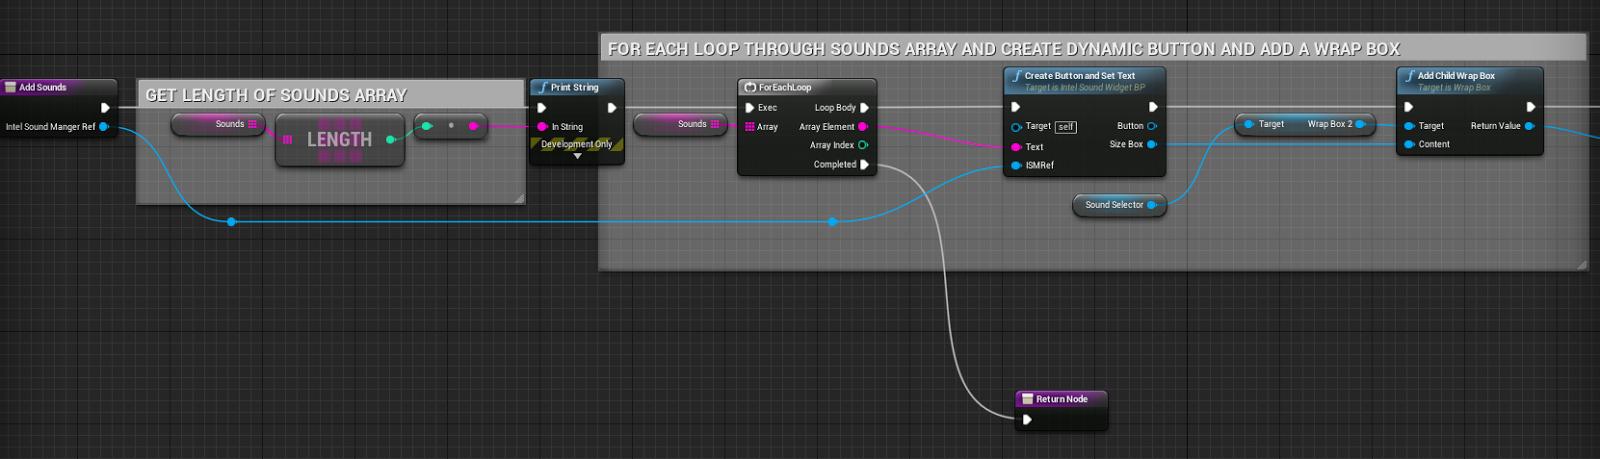 Intel VR Audio Editor Tutorial   Master of Shapes